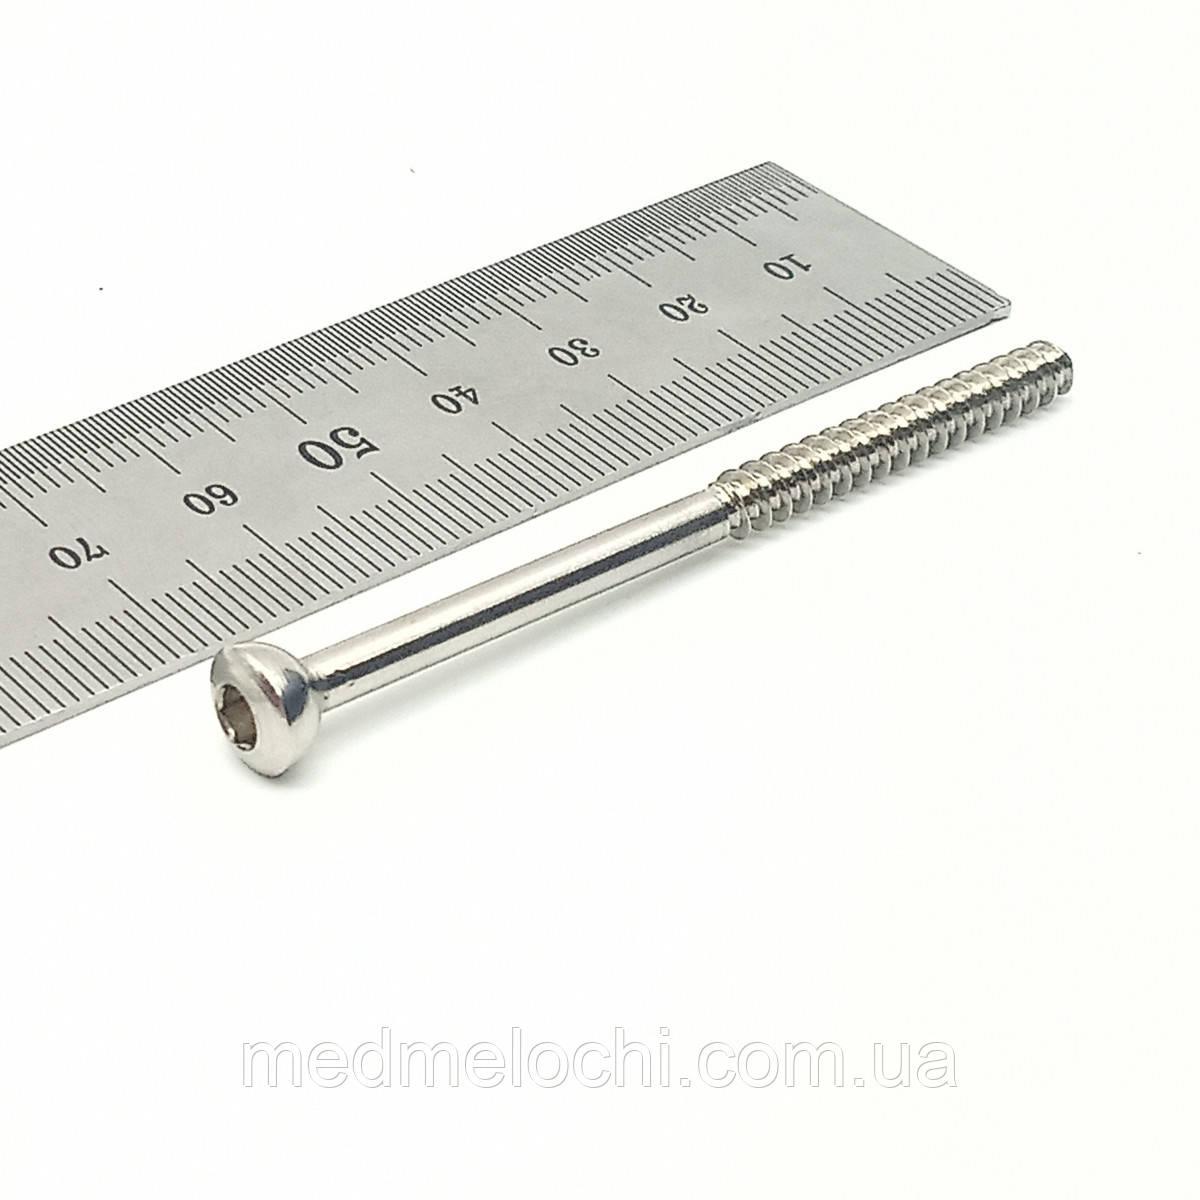 Гвинт малеолярний D=4,5мм, 80мм